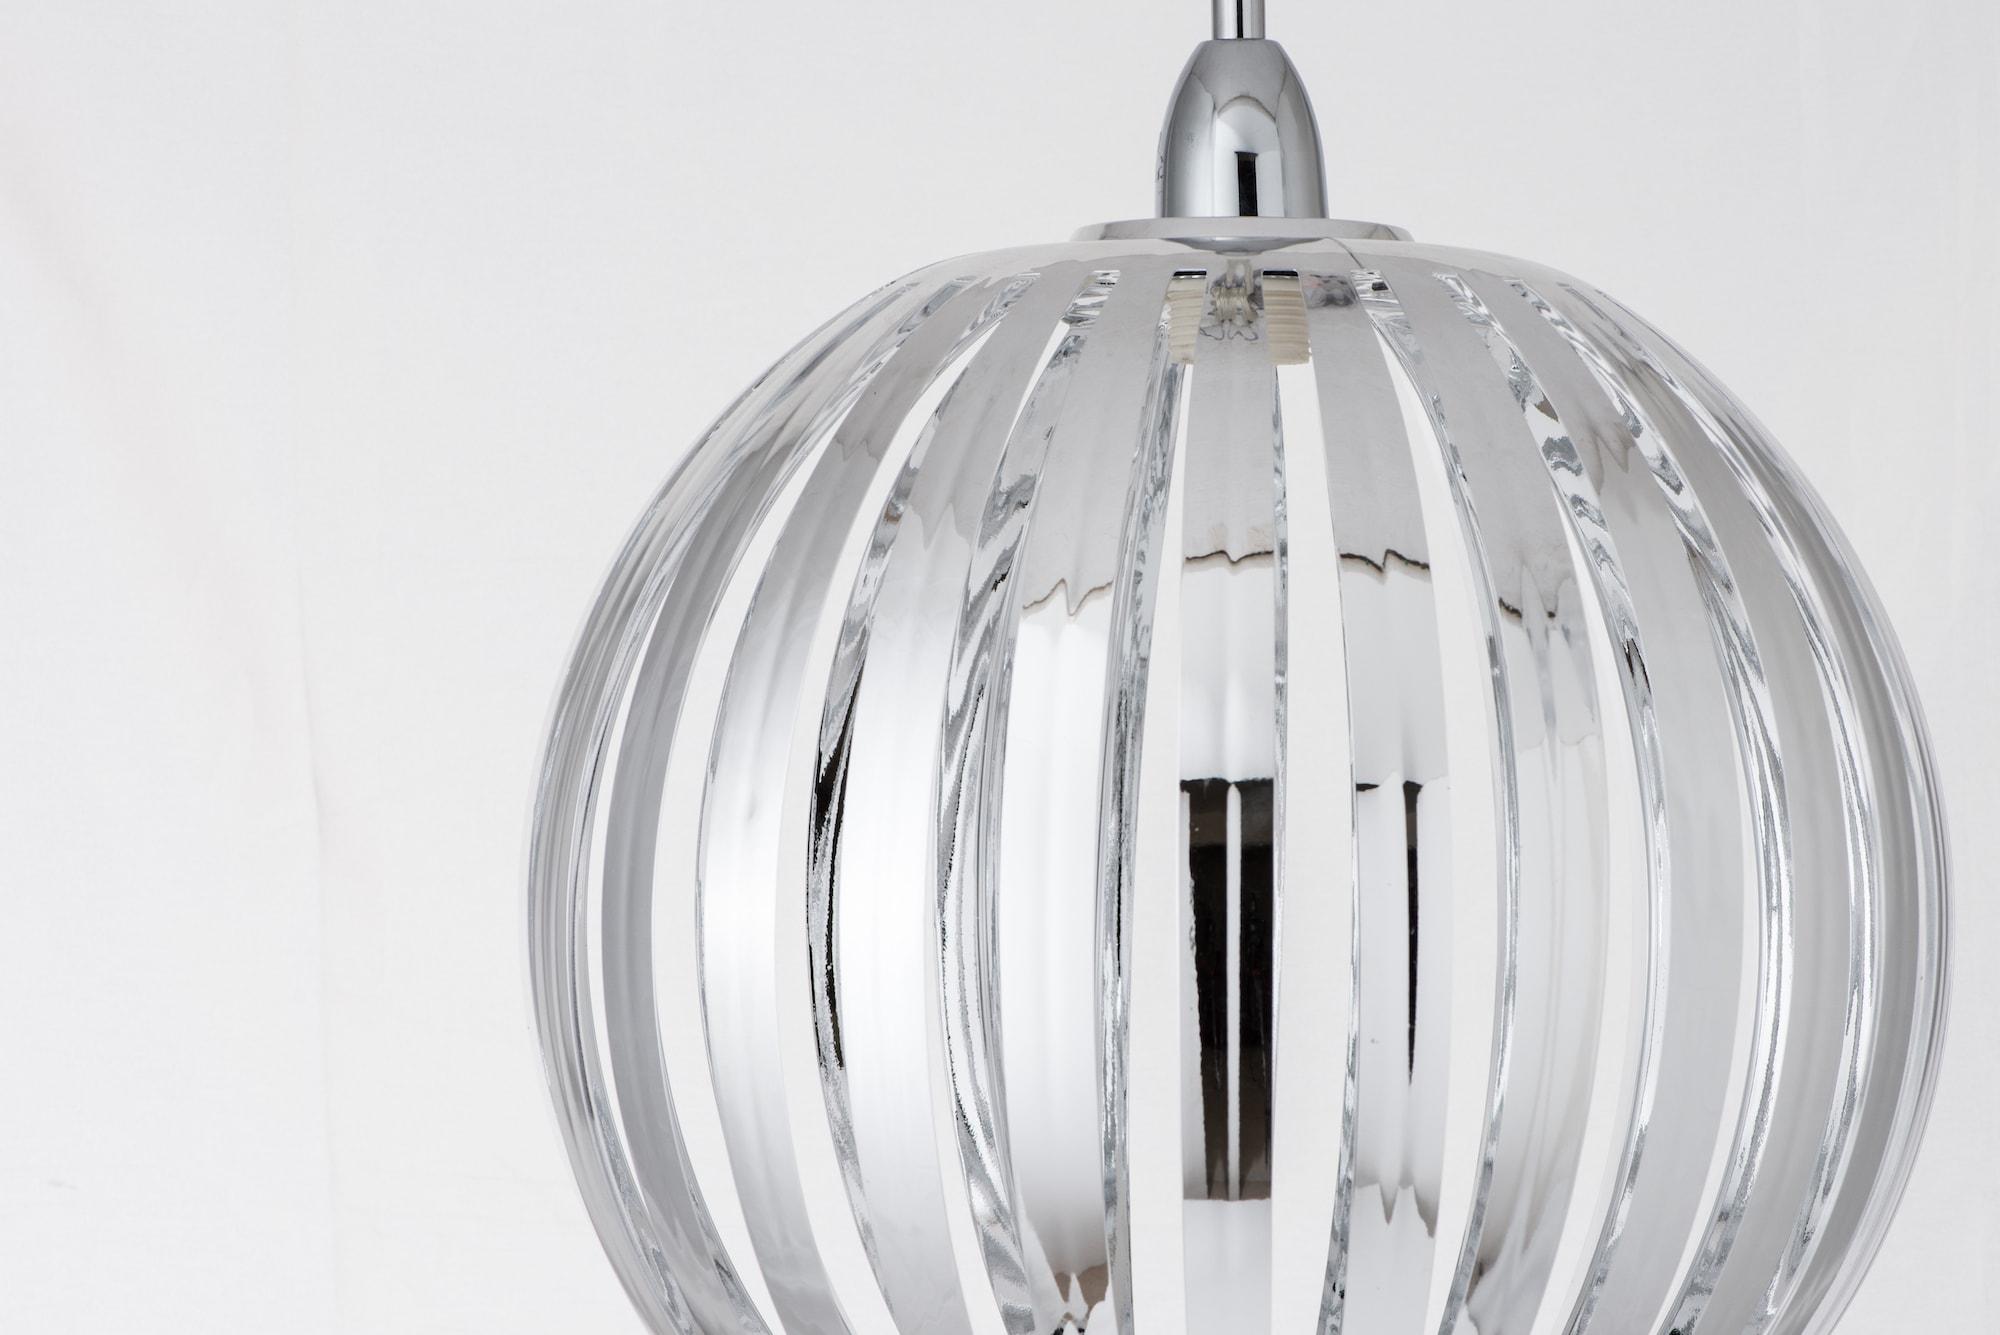 鍍鉻條圓形吊燈-BNL00054 0